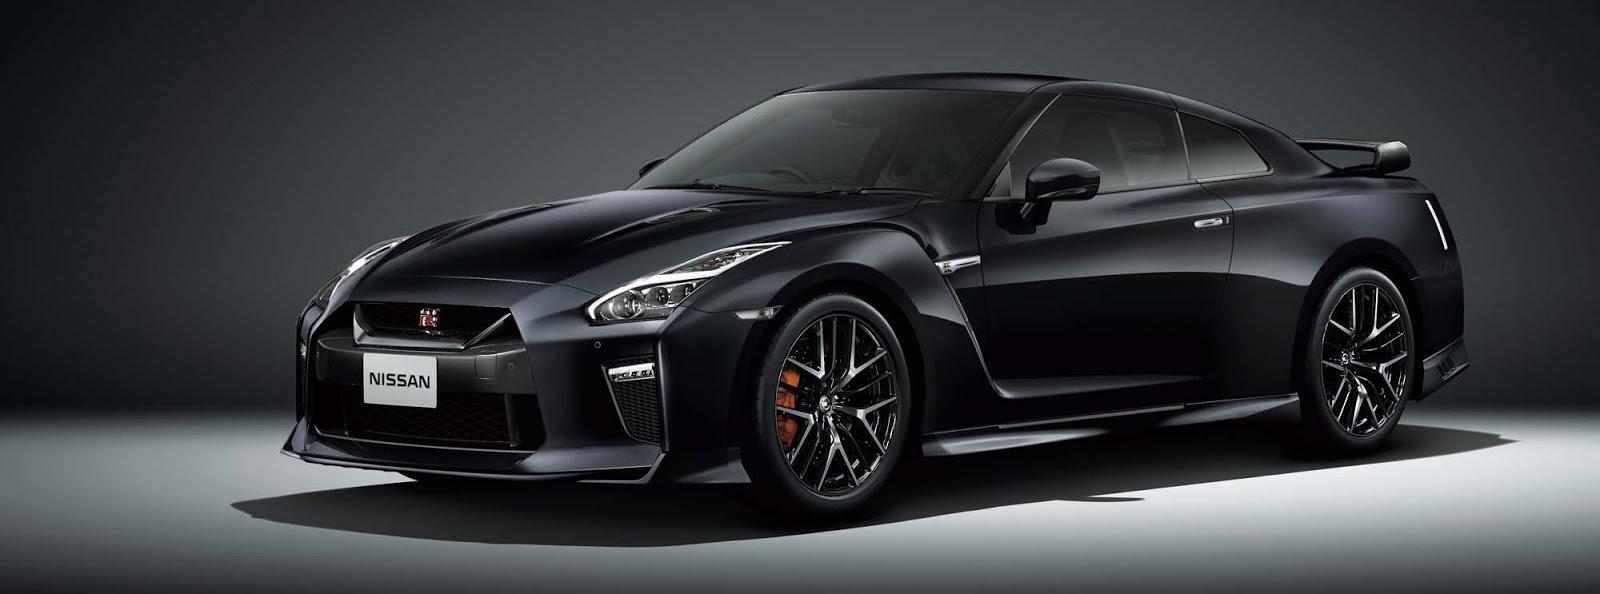 Limited2BEdition2BGT R2B252872529 Σε 3 χρώματα το special edition GT-R Godzilla, GT-R, Nissan, Nissan GT-R, zblog, μοντέλα